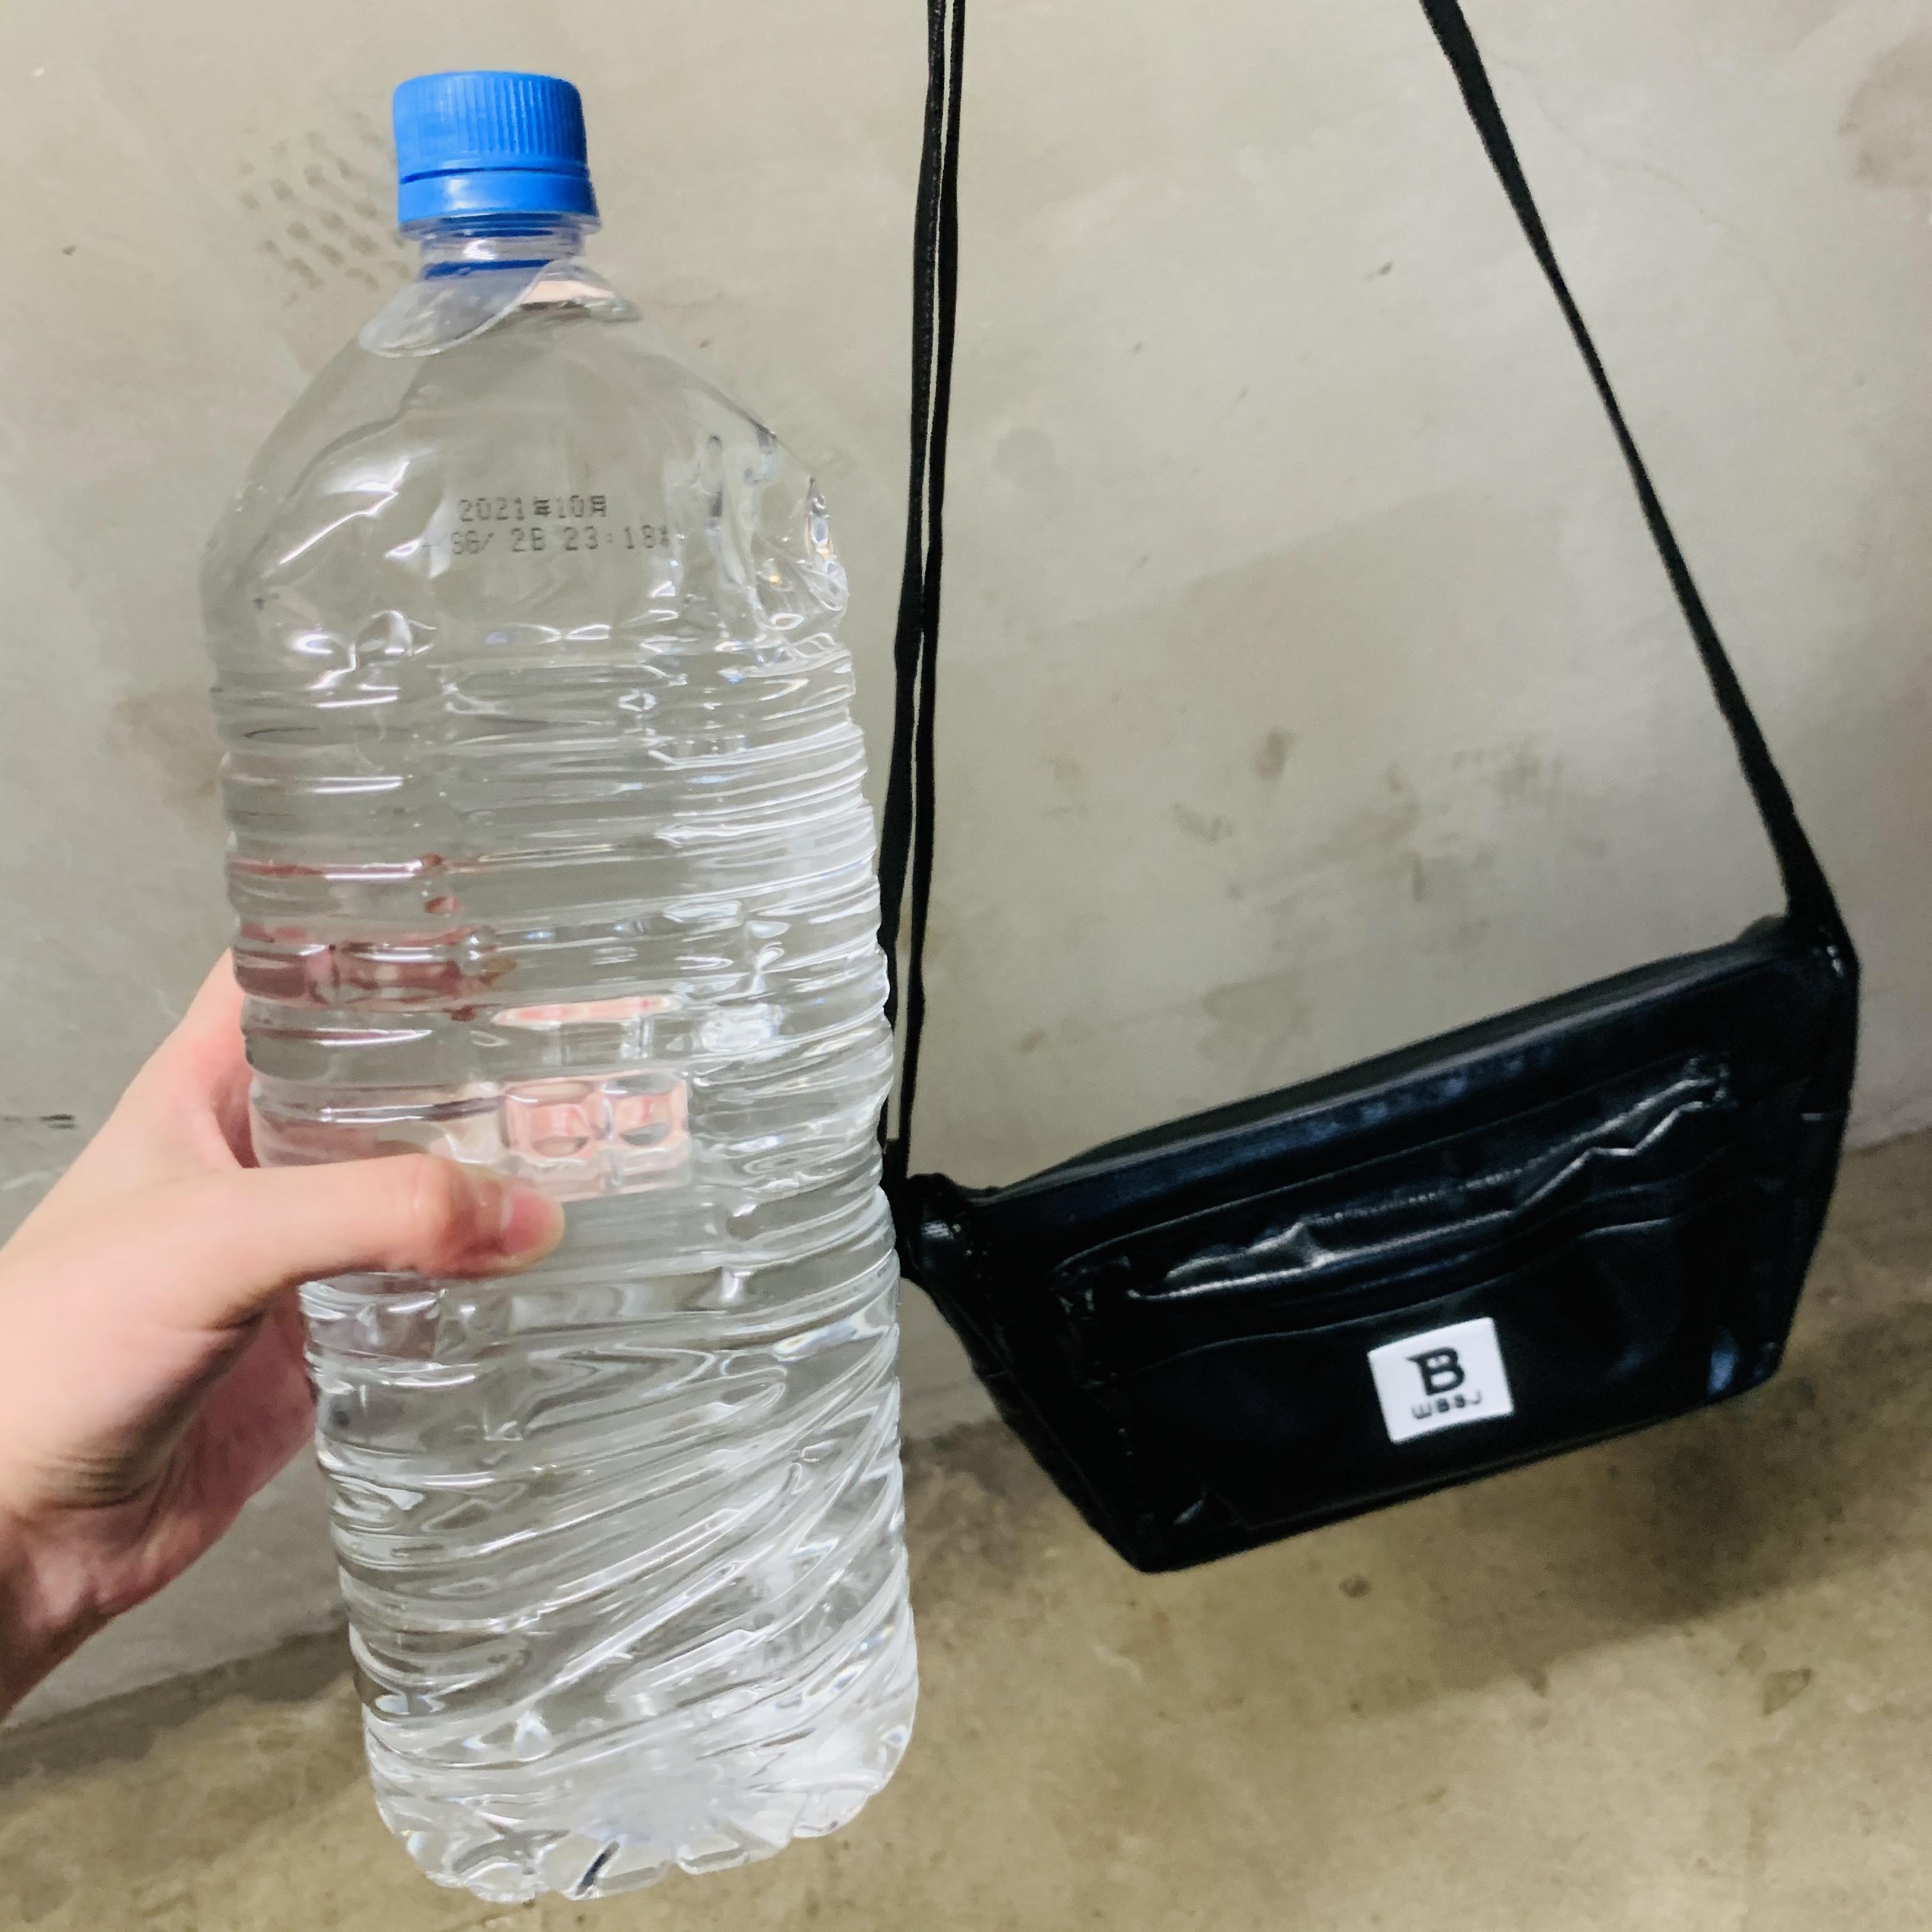 【検証】長靴が人気の「日本野鳥の会」から防水ショルダーバッグが出ていたよ → 2Lの水で容赦なく濡らした結果